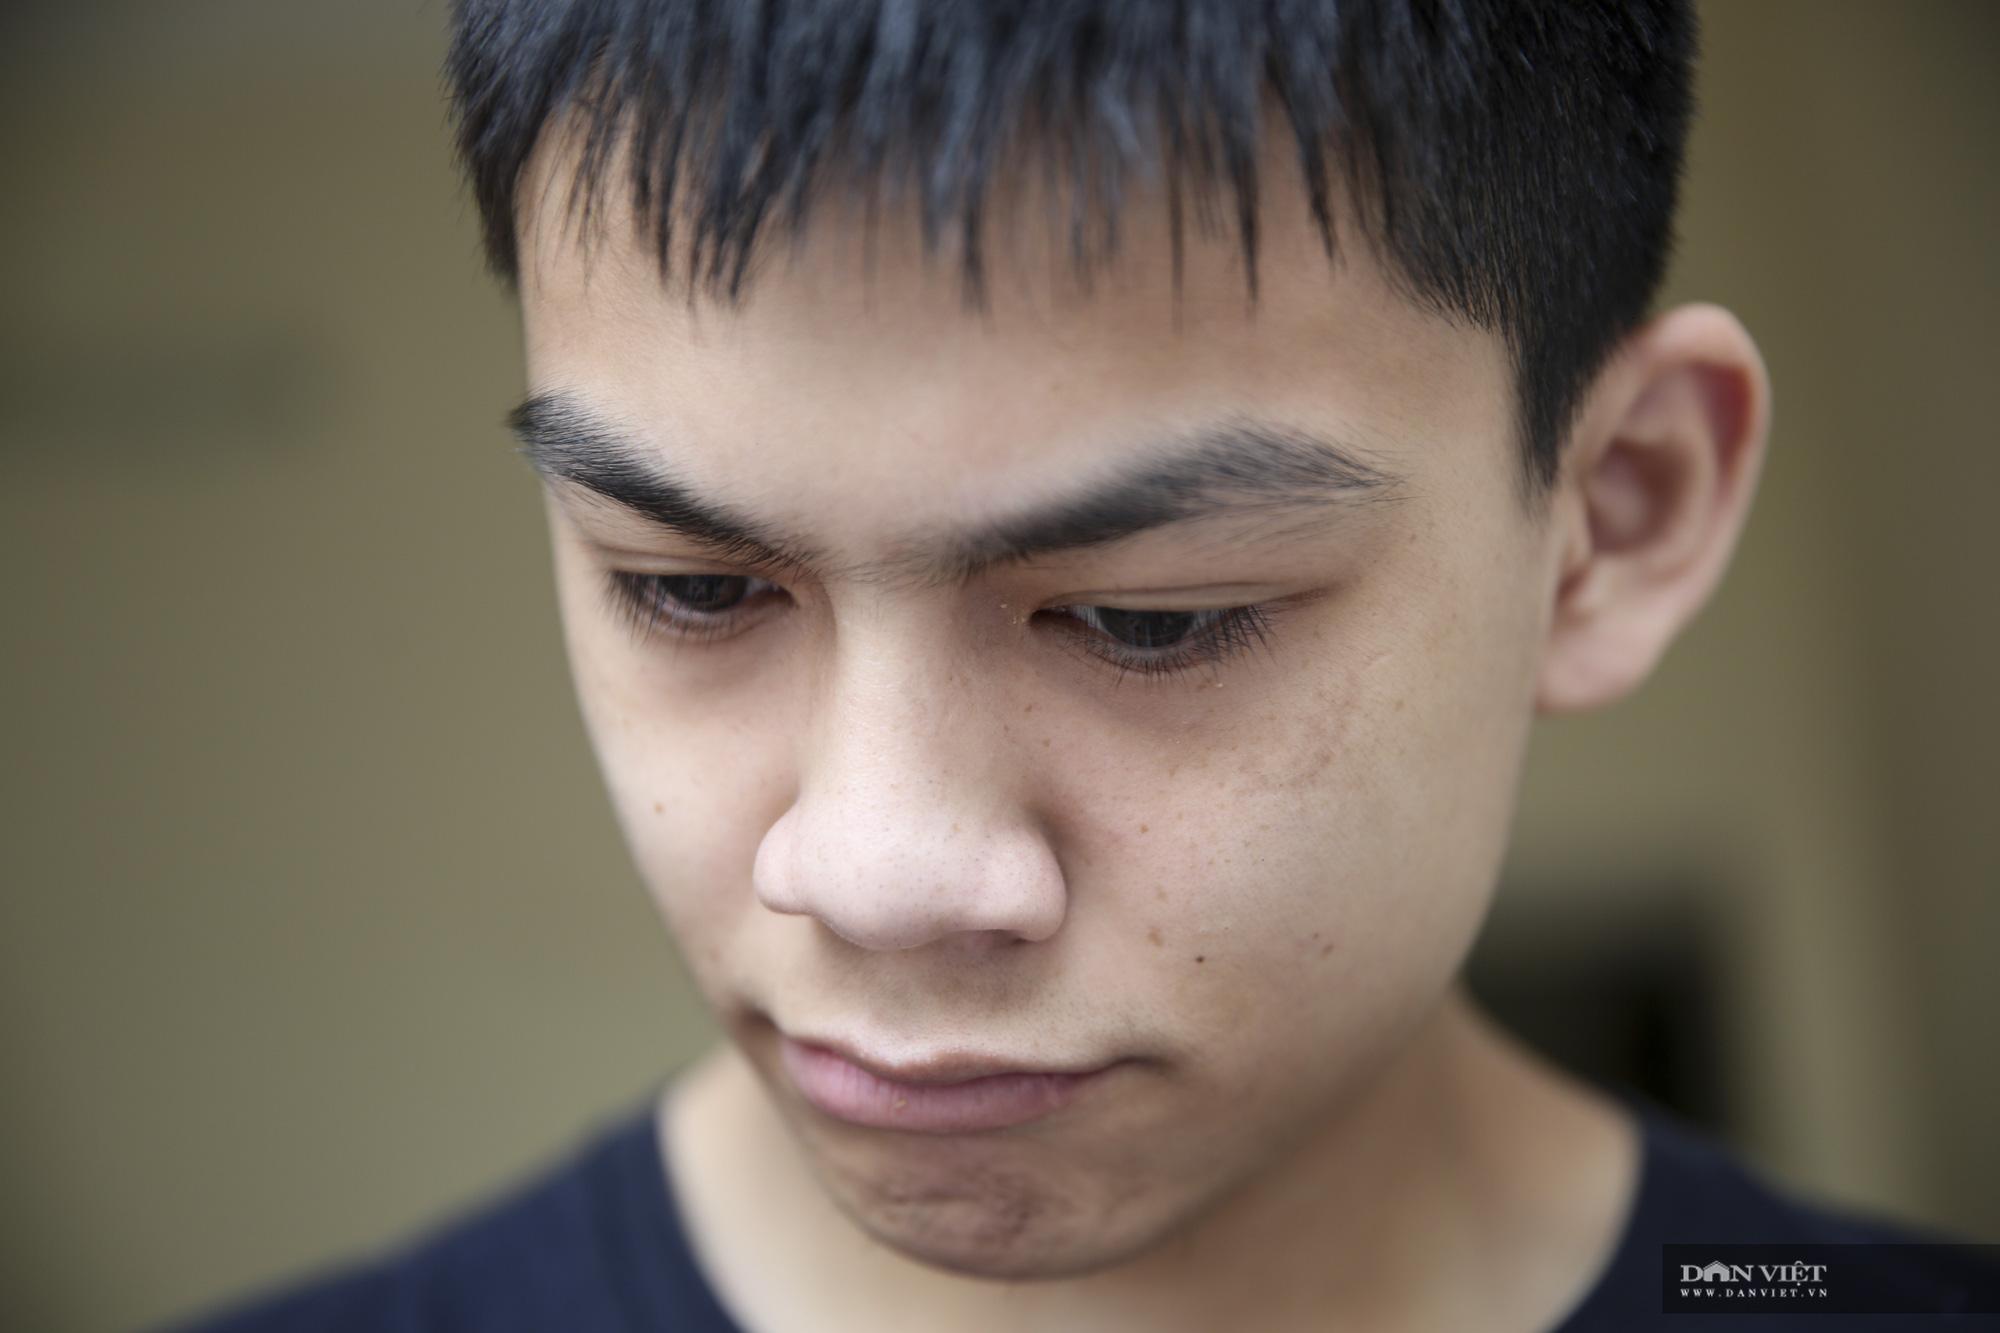 """Cậu bé """"bại não"""" được tuyển thẳng vào ngành Trí tuệ nhân tạo Đại học FPT - Ảnh 6."""